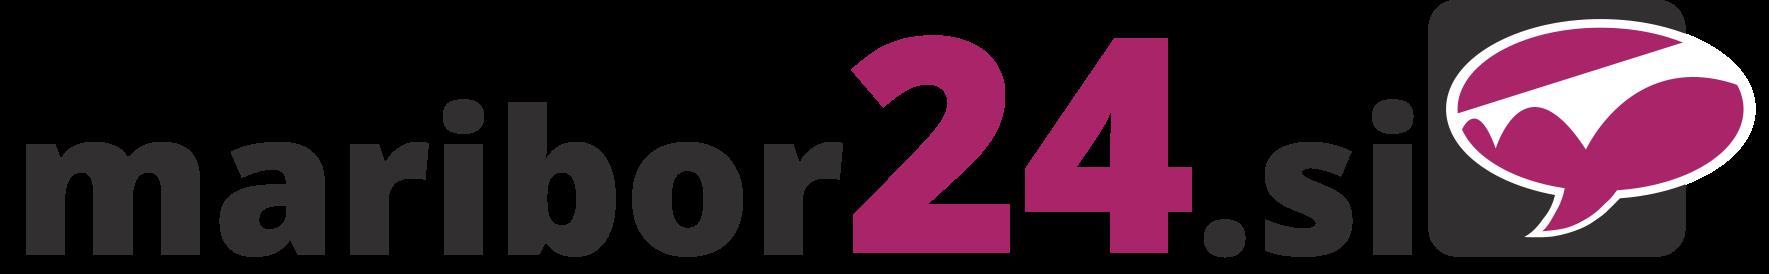 mb24_logo.png